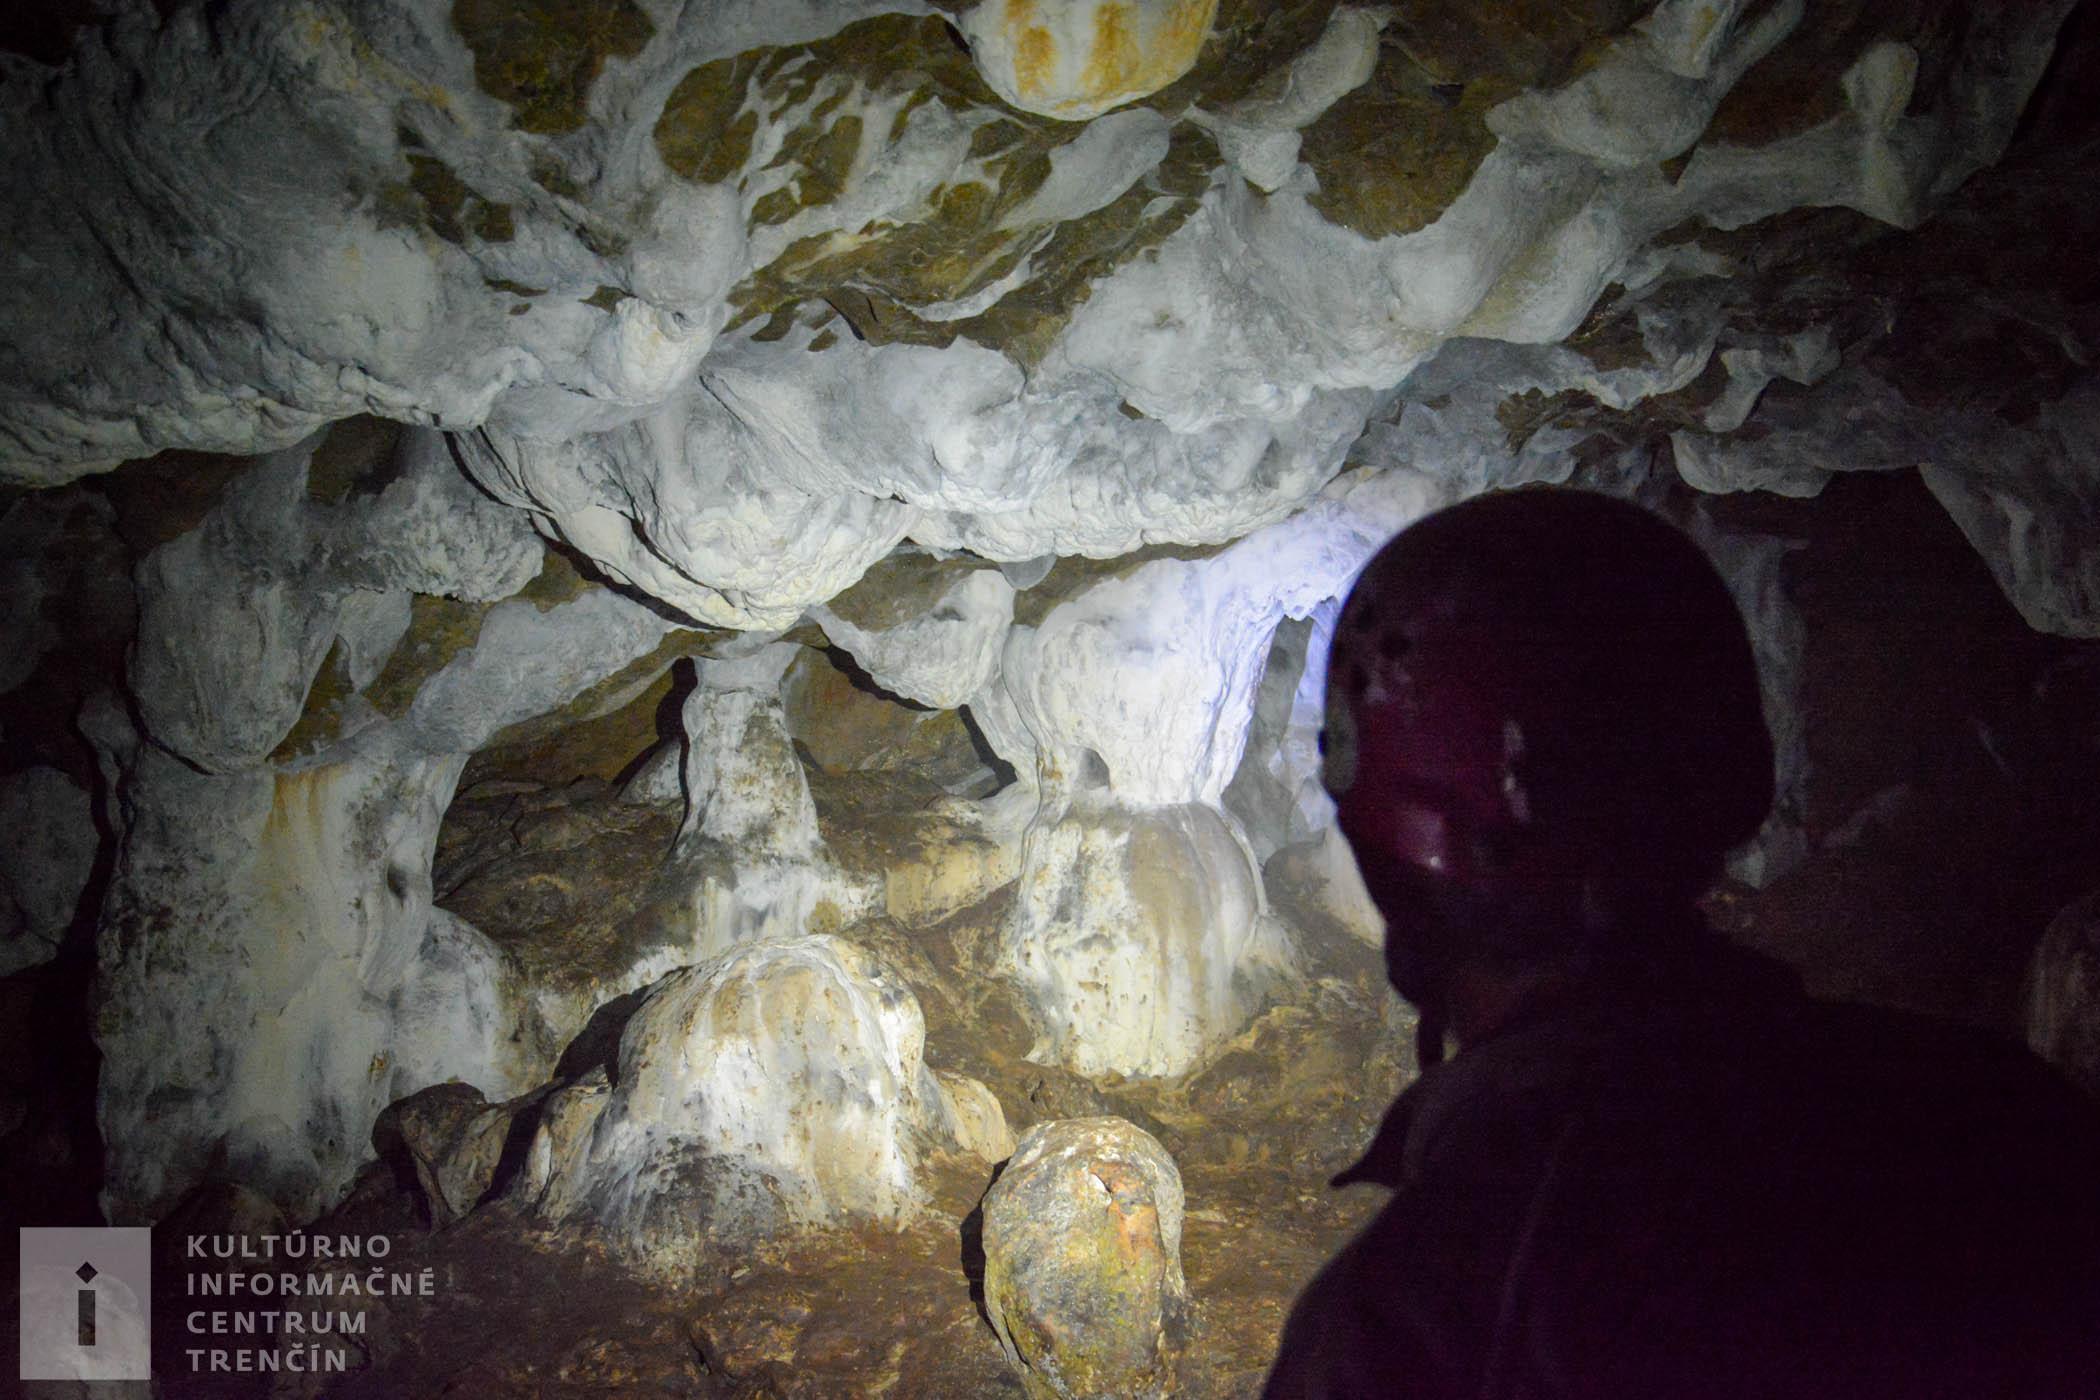 Ak sa rozhodnete pre návštevu jaskyne, nezabudnite si vziať turistickú obuv, vhodné oblečenie a baterku (najlepšie čelovku).